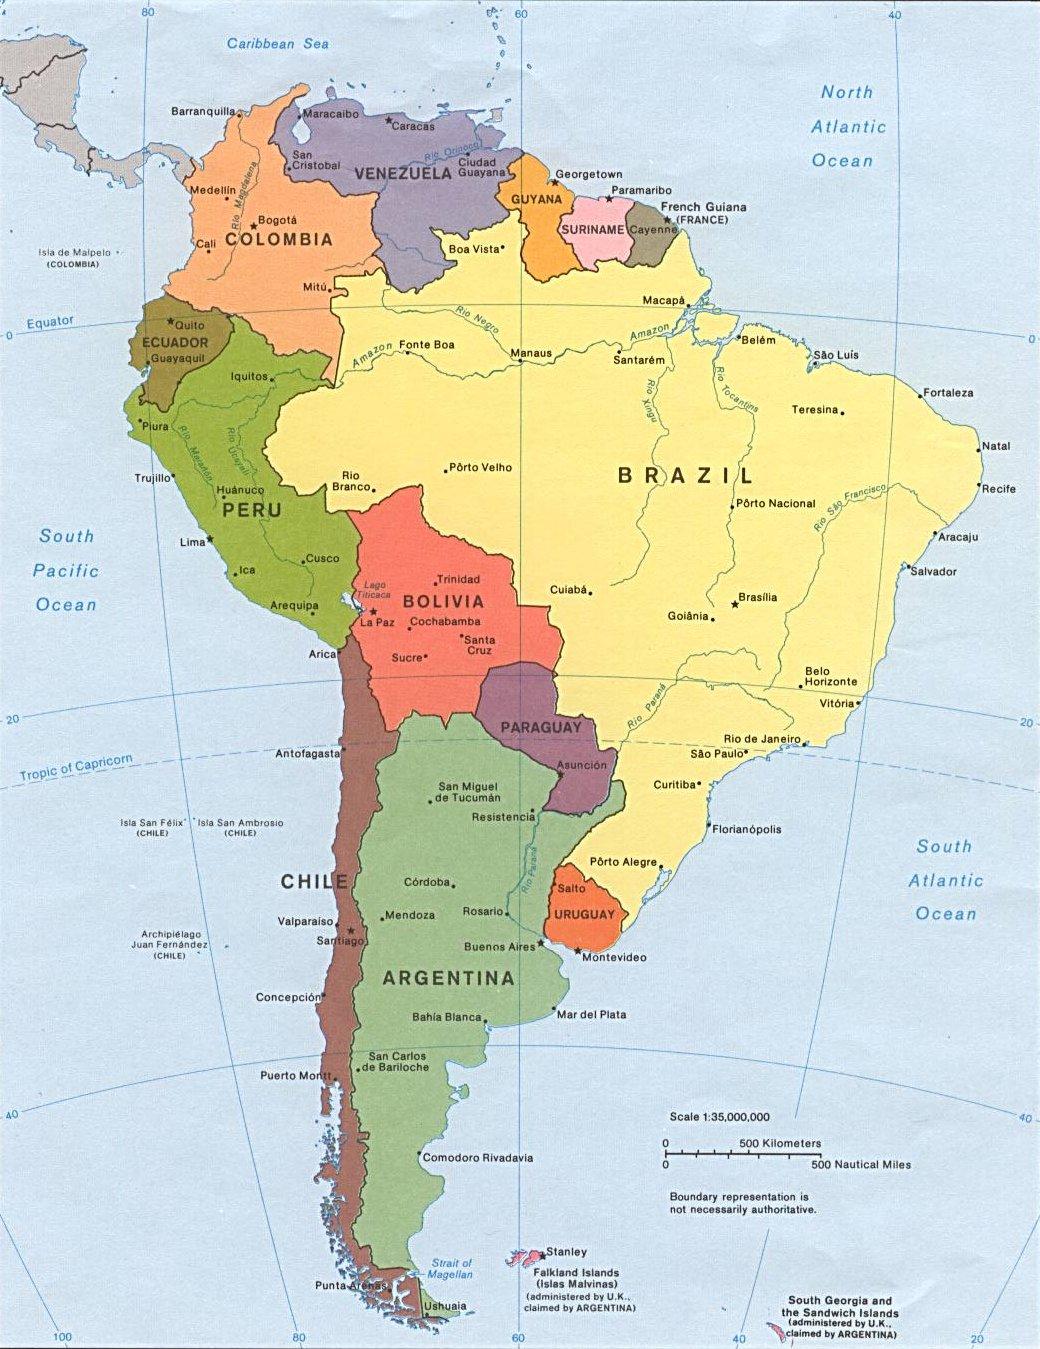 El Bal de la Geografa Per y Mundo PASES CAPITALES y